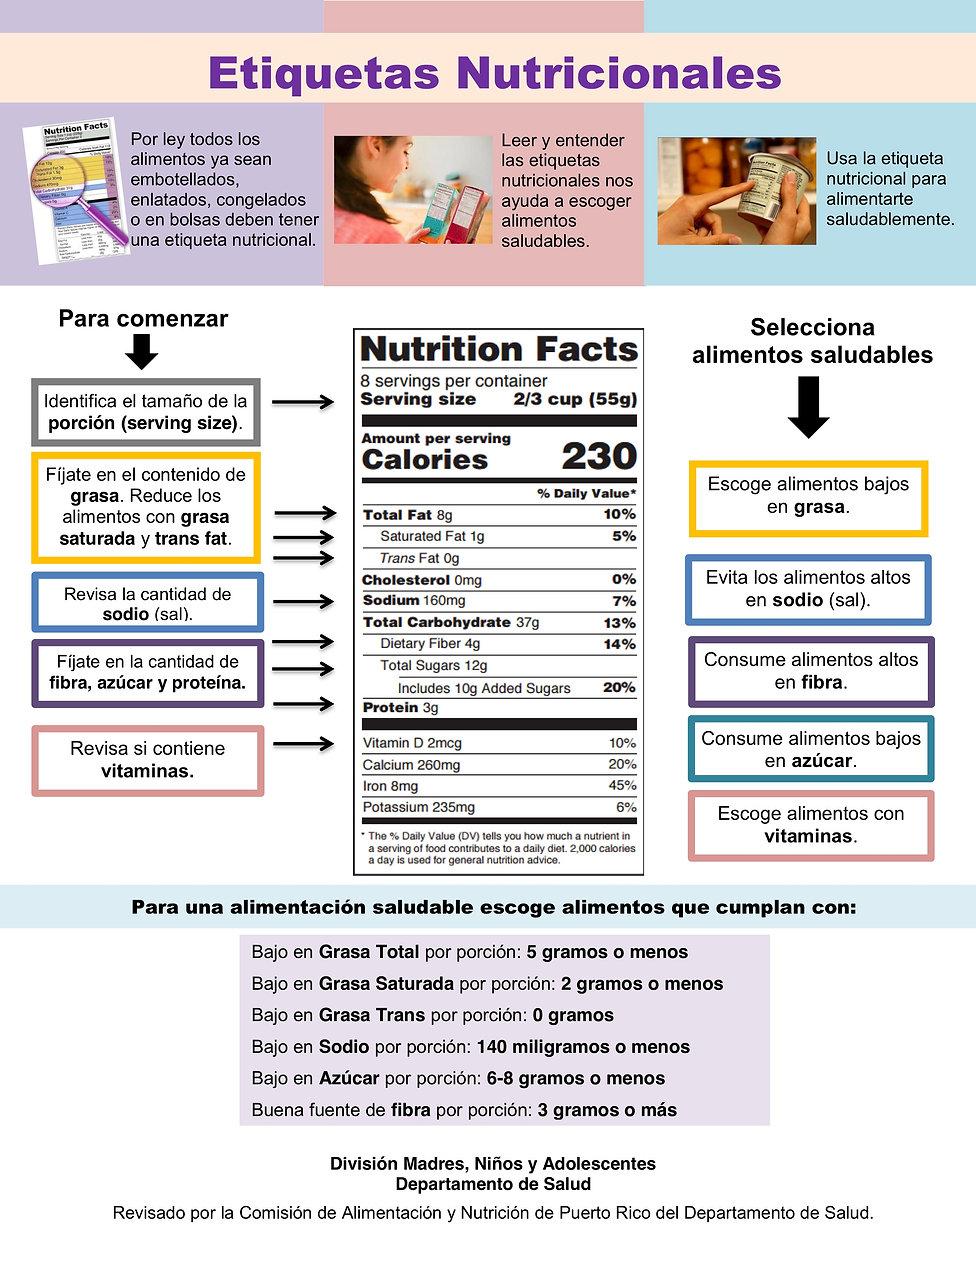 3. Etiquetas Nutricionales 2018.jpg